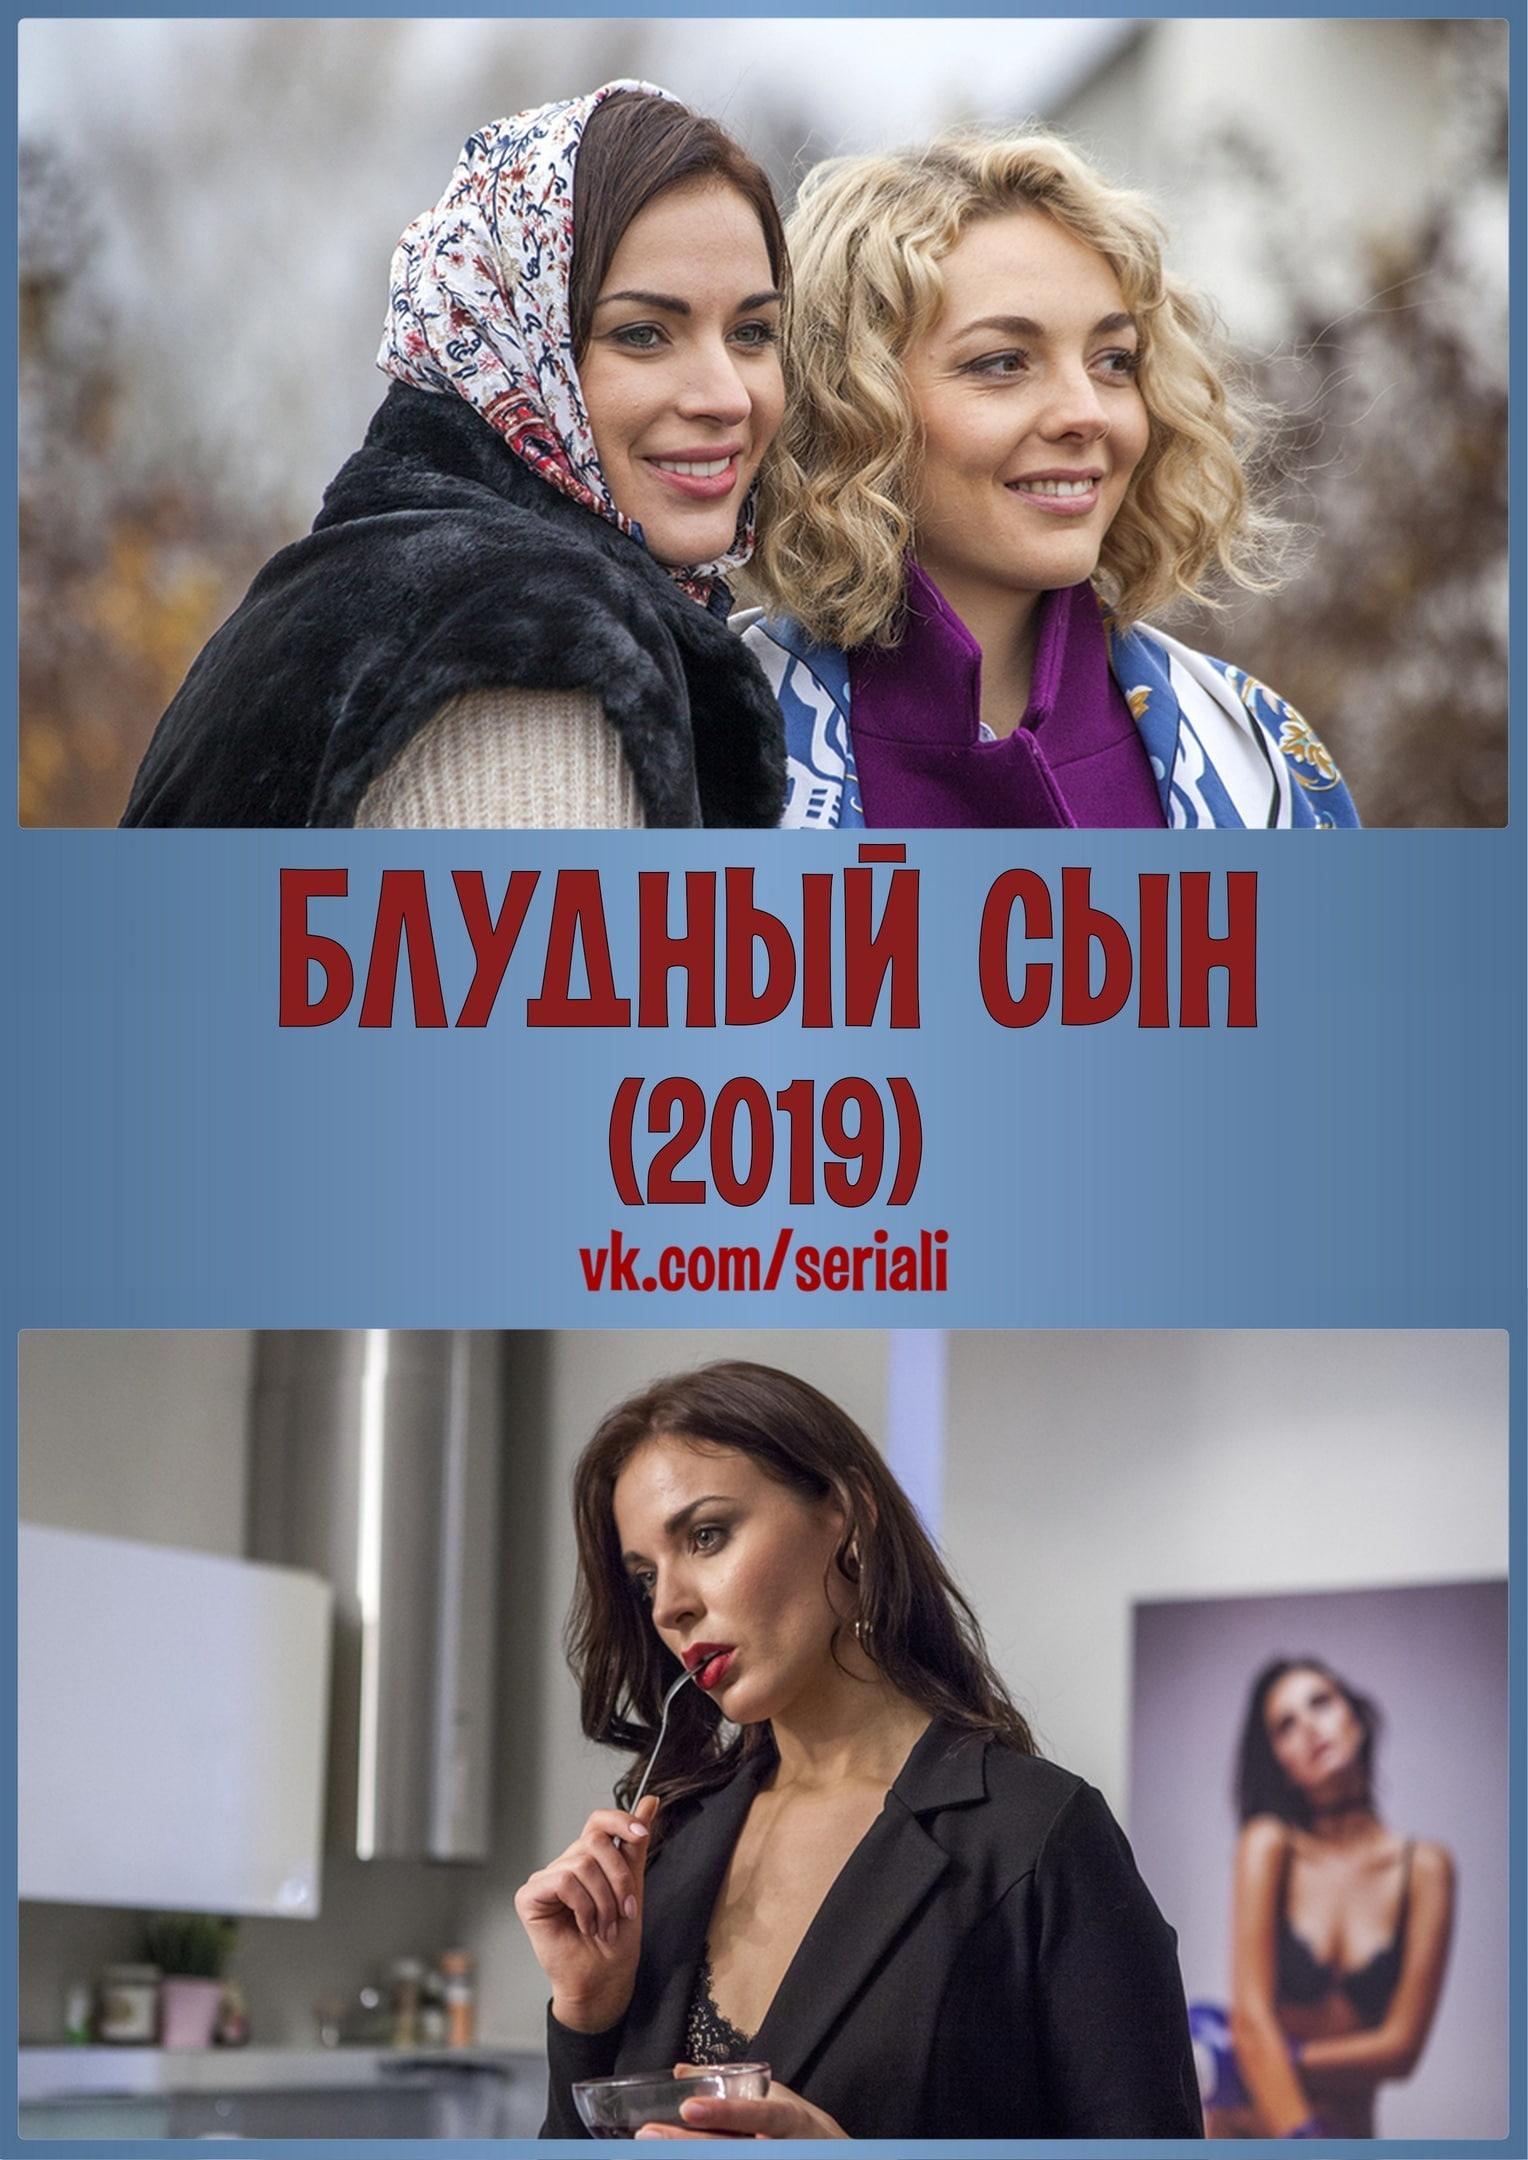 Мелодрама «Блyдный сын» (2019) 4-6 серия из 6